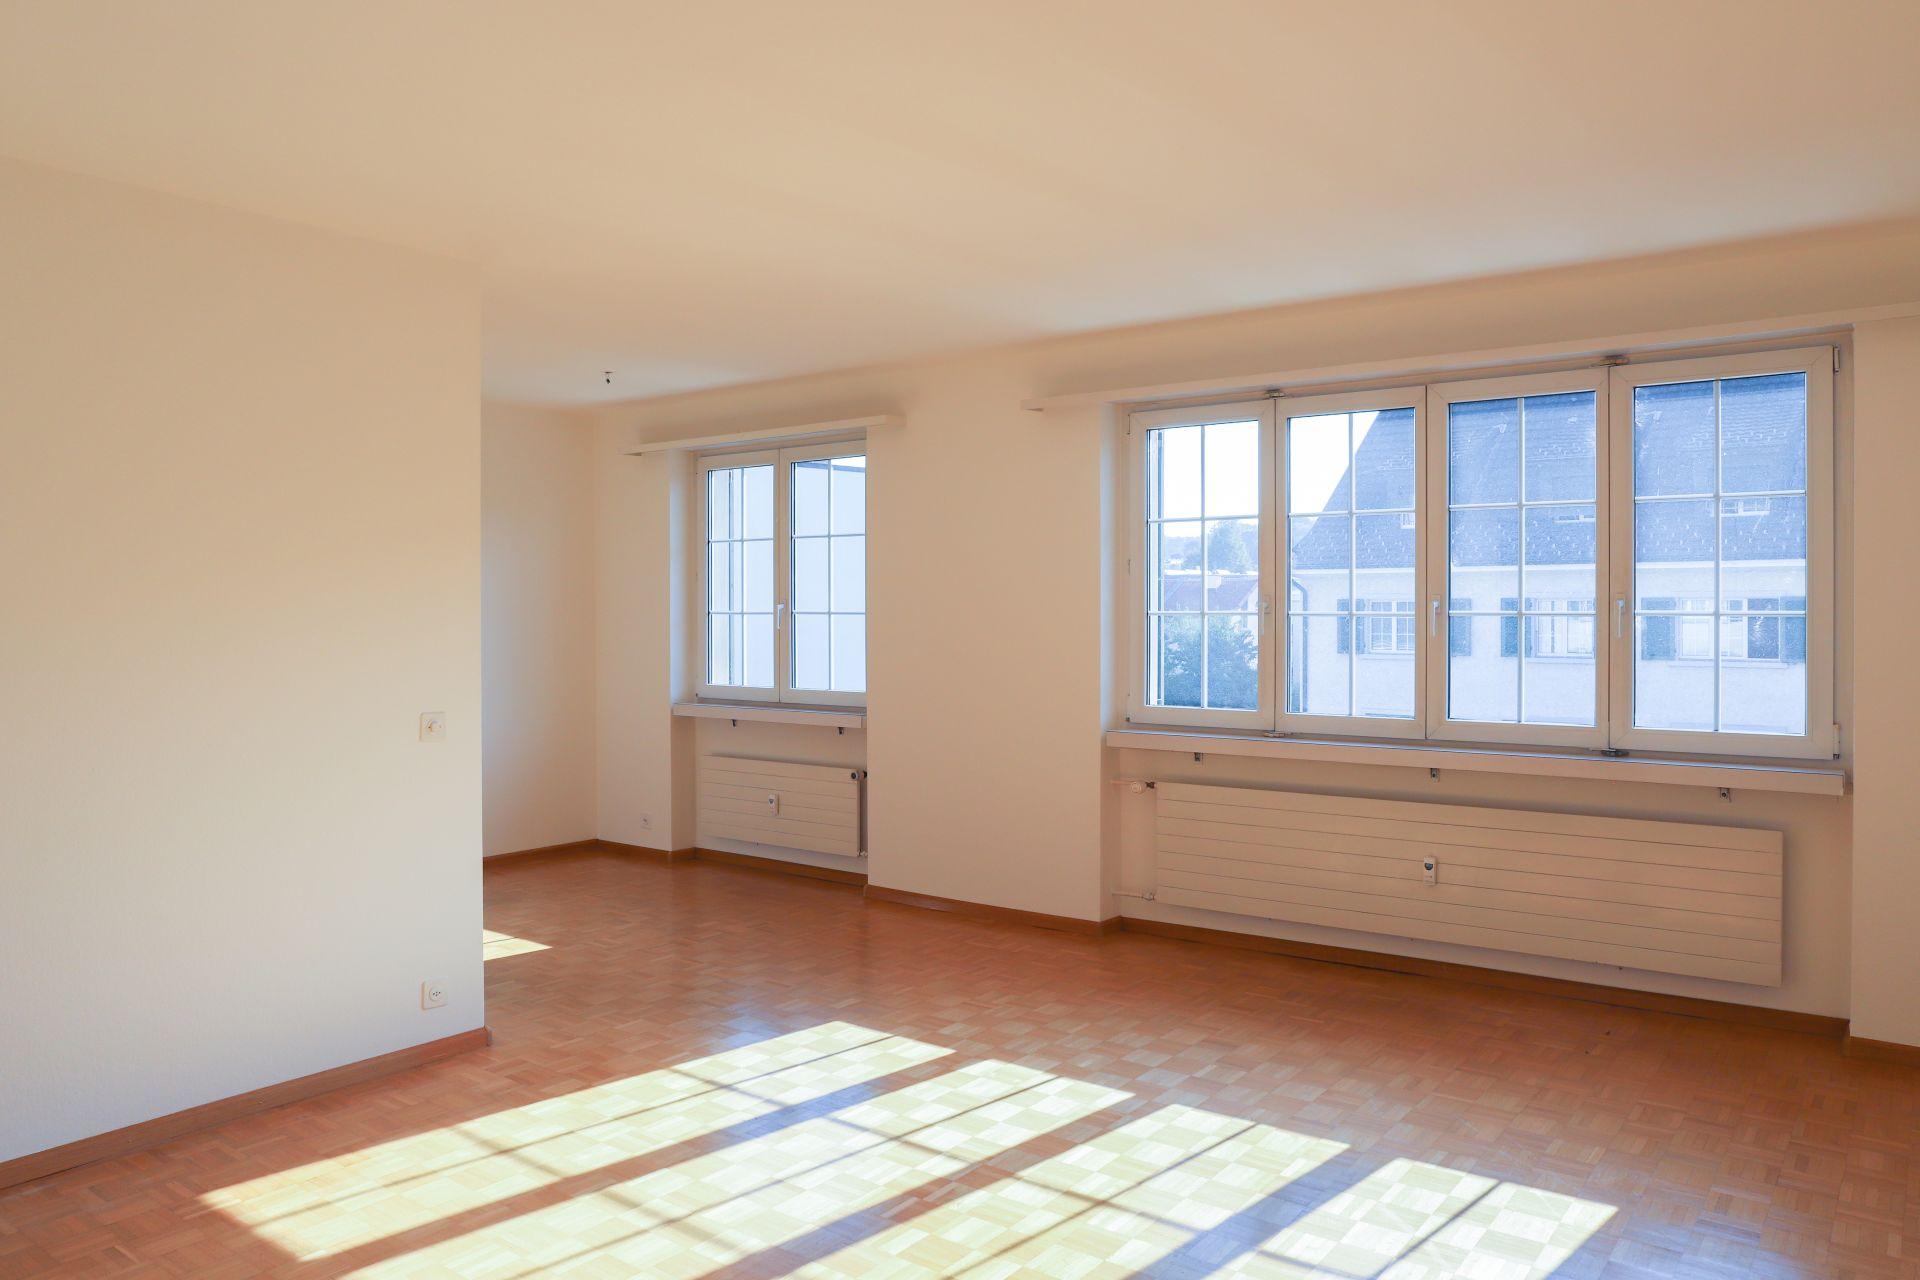 Miete: Wohnung an zentraler Wohnlage